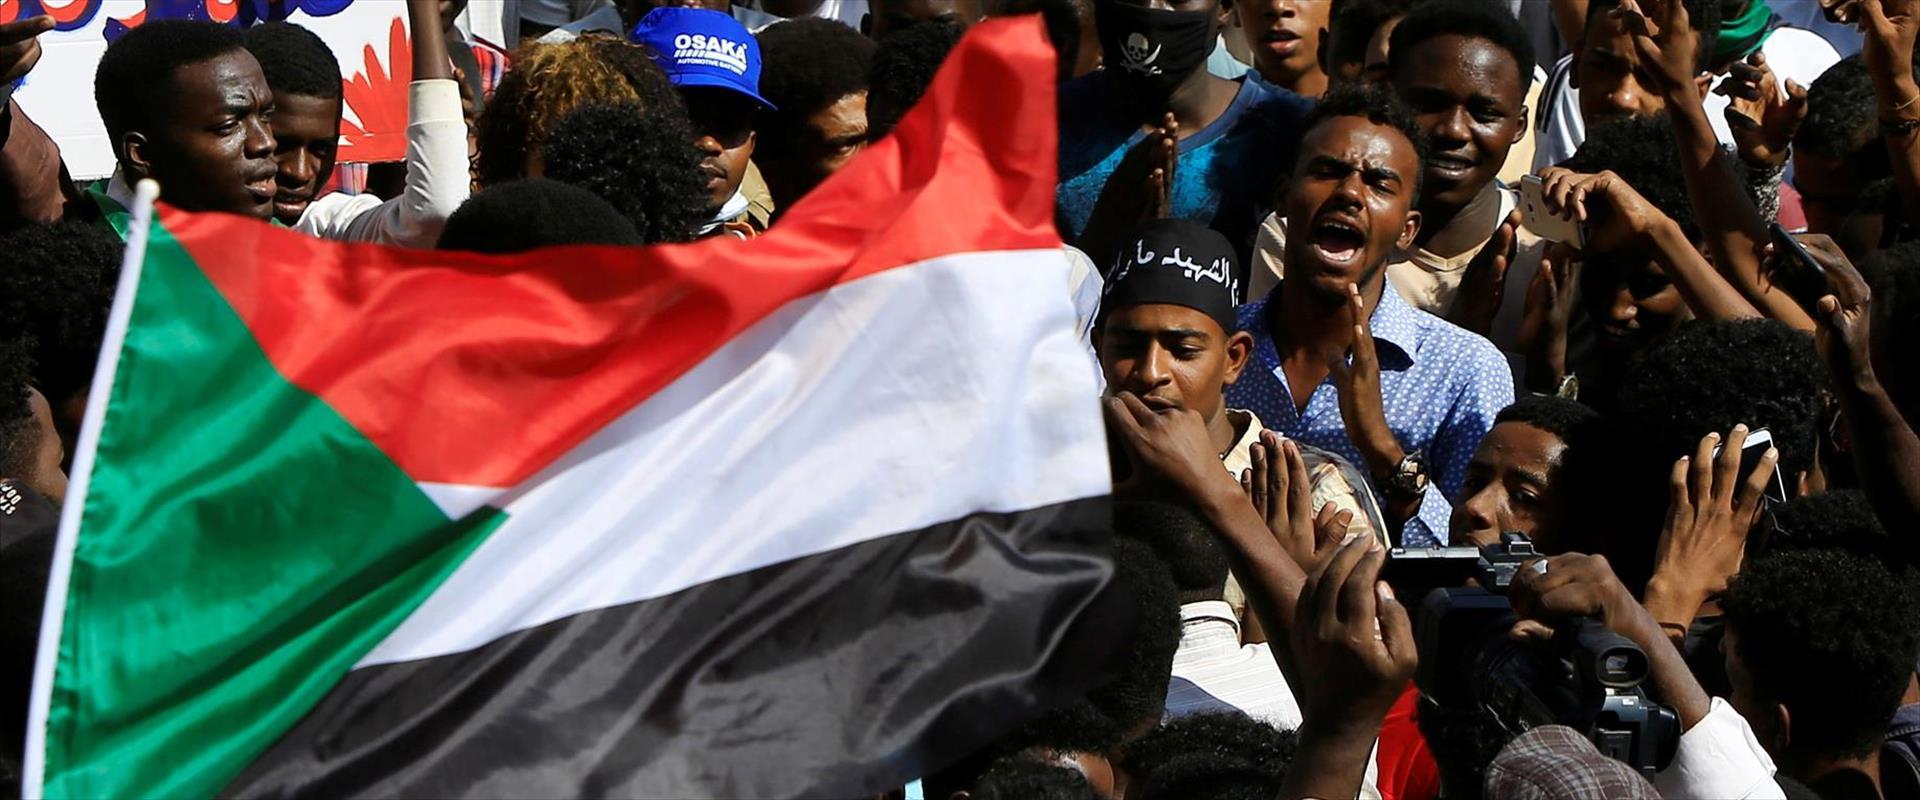 מפגינים בסודאן מוחים על המצב הכלכלי במדינה